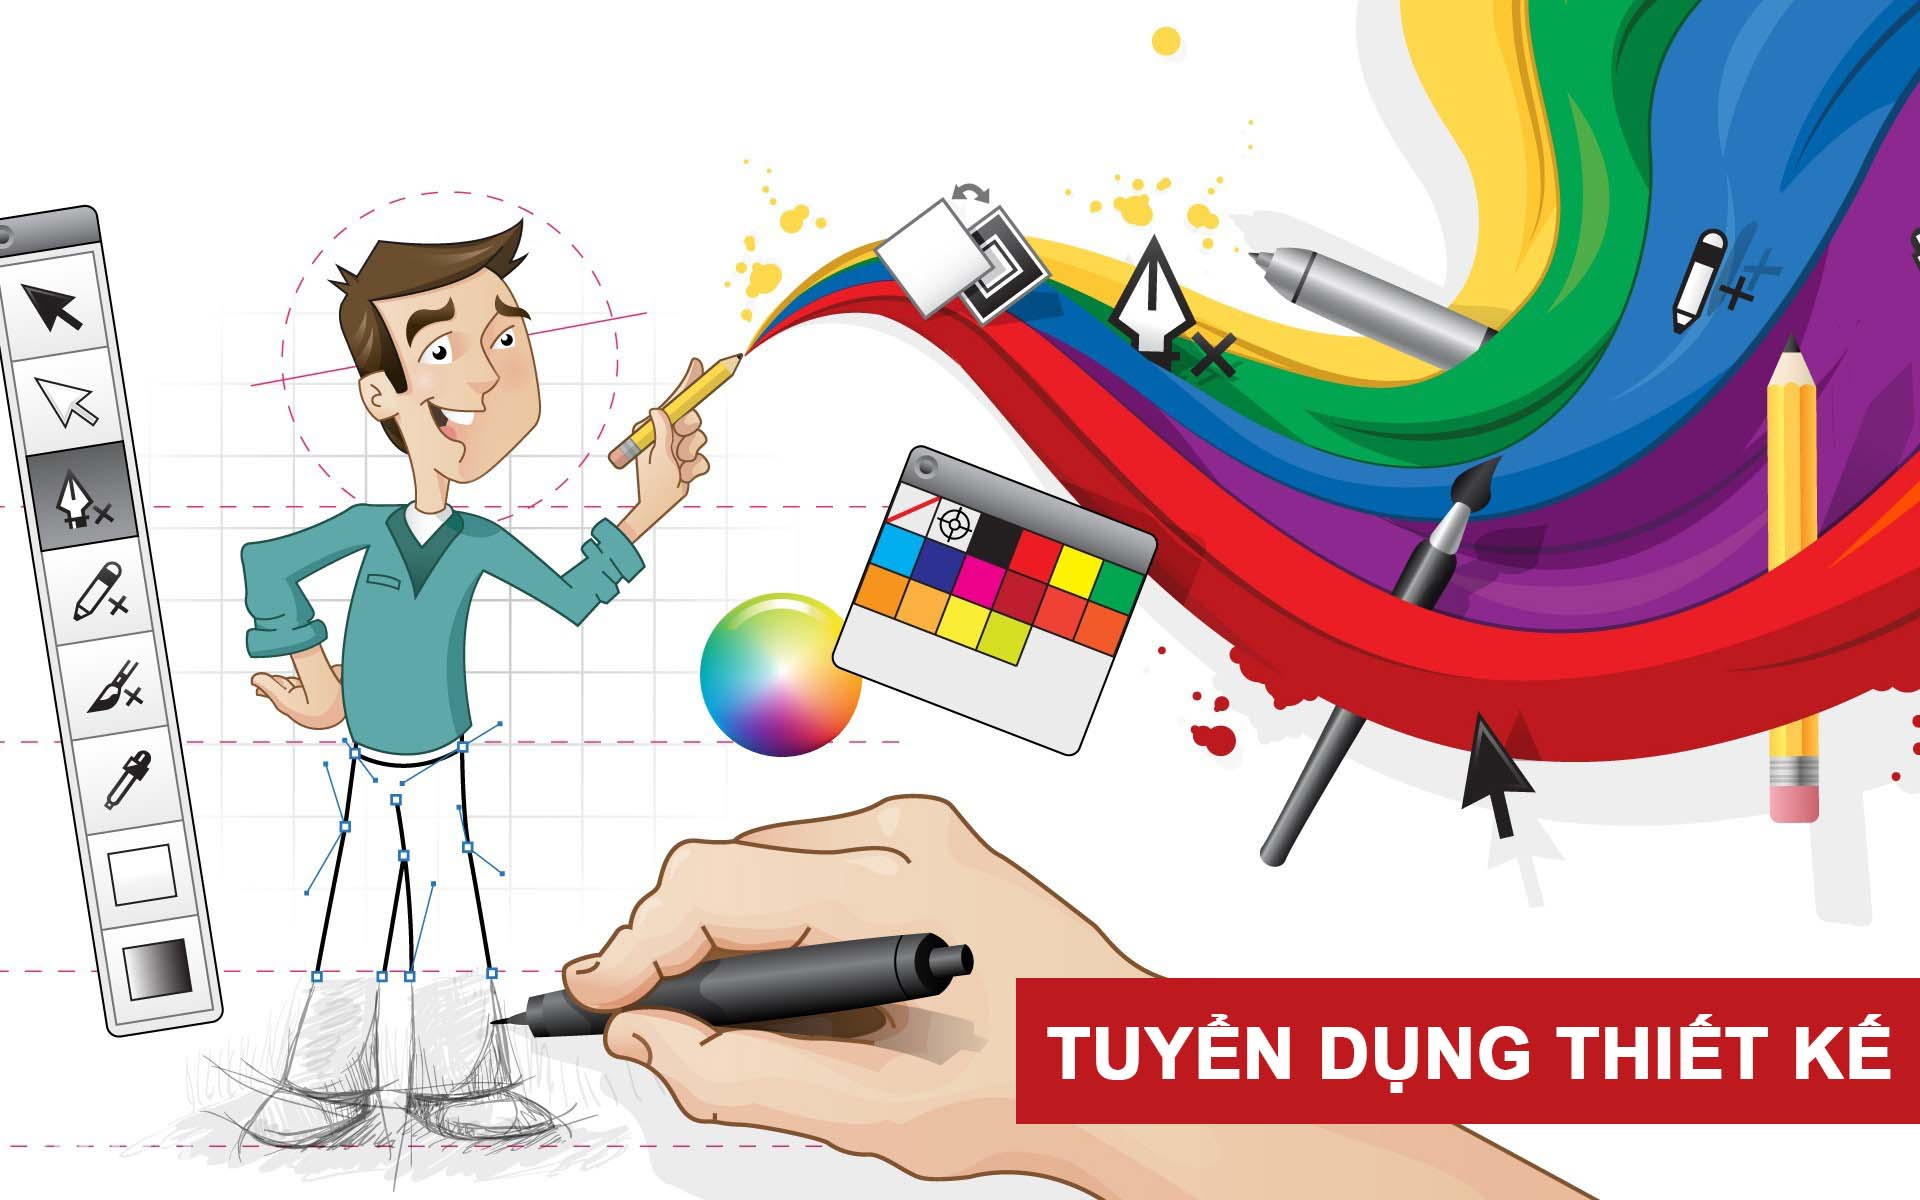 Tuyển dụng 02 nhân viên Thiết kế đồ họa 2D - 08/2019